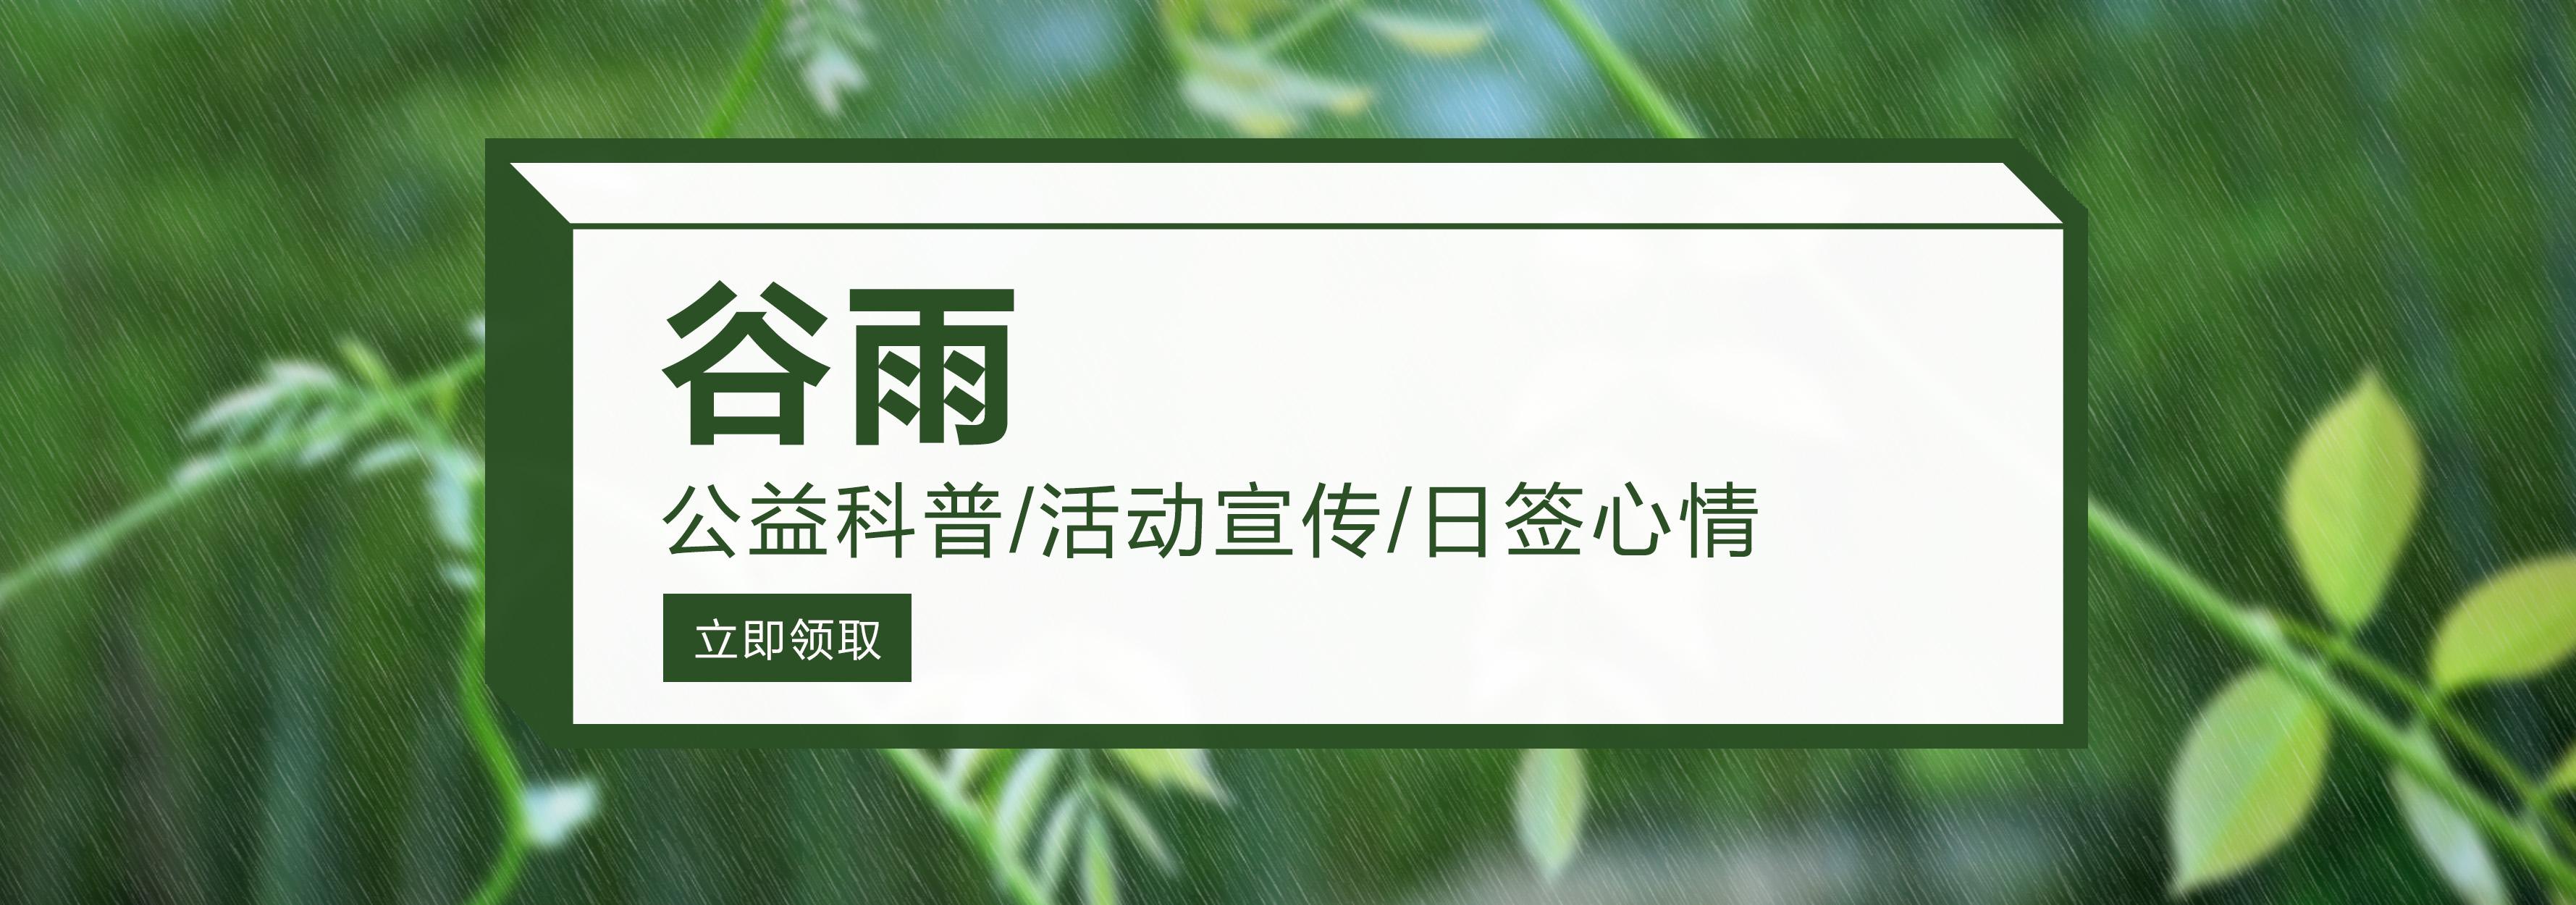 导航banner